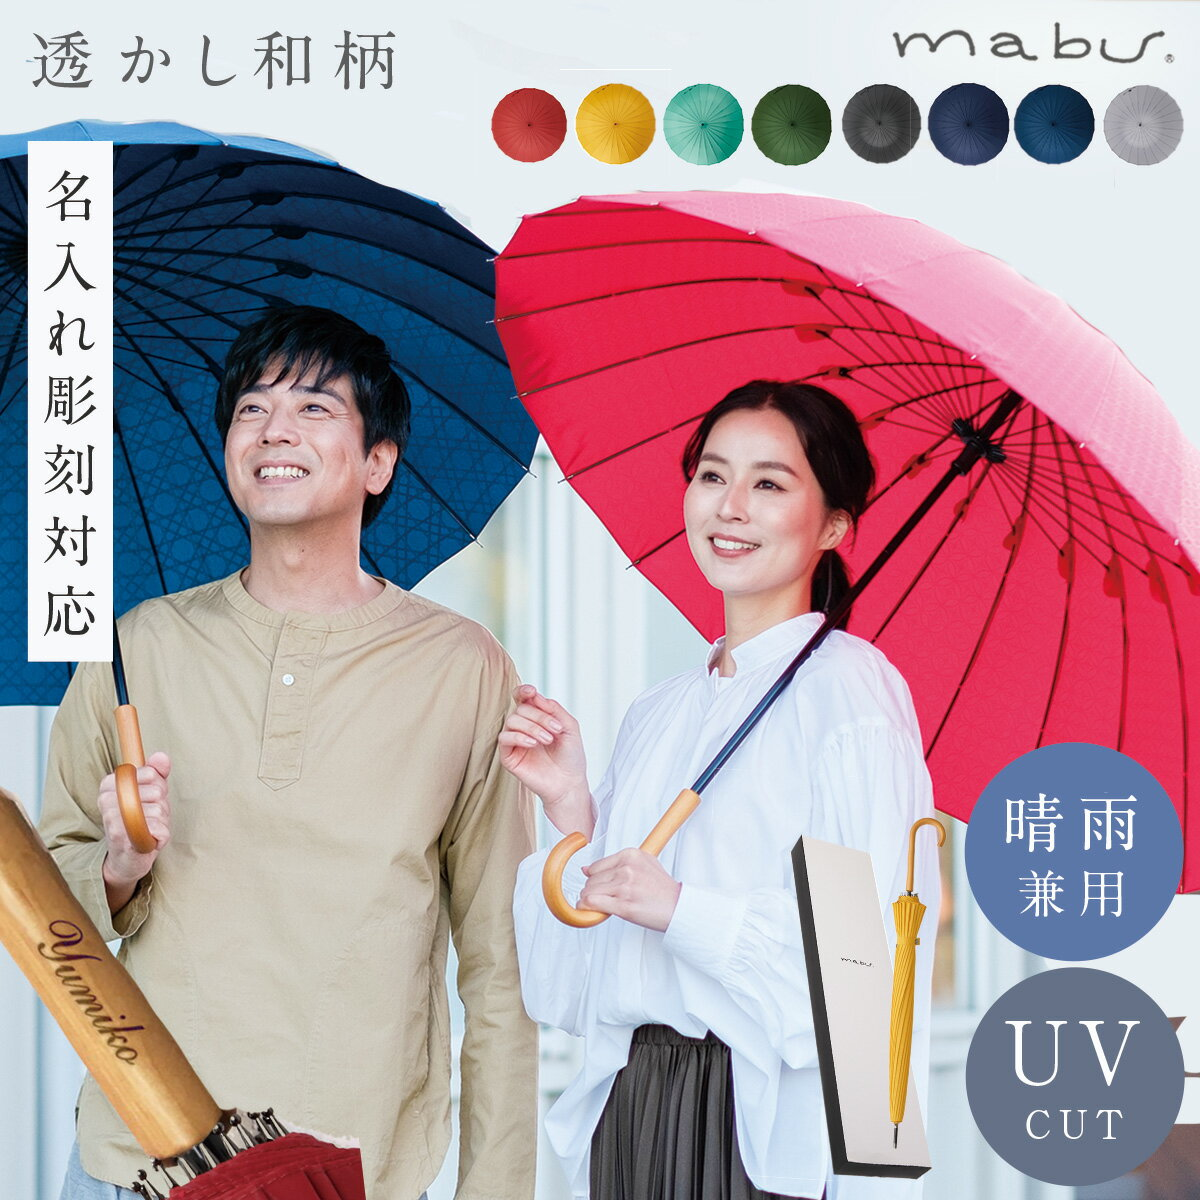 傘 長傘 名入れ 対応 超軽量 24本骨傘 雨傘 軽い 和傘 男女兼用 メンズ レディース 江戸 mabu レイングッズ